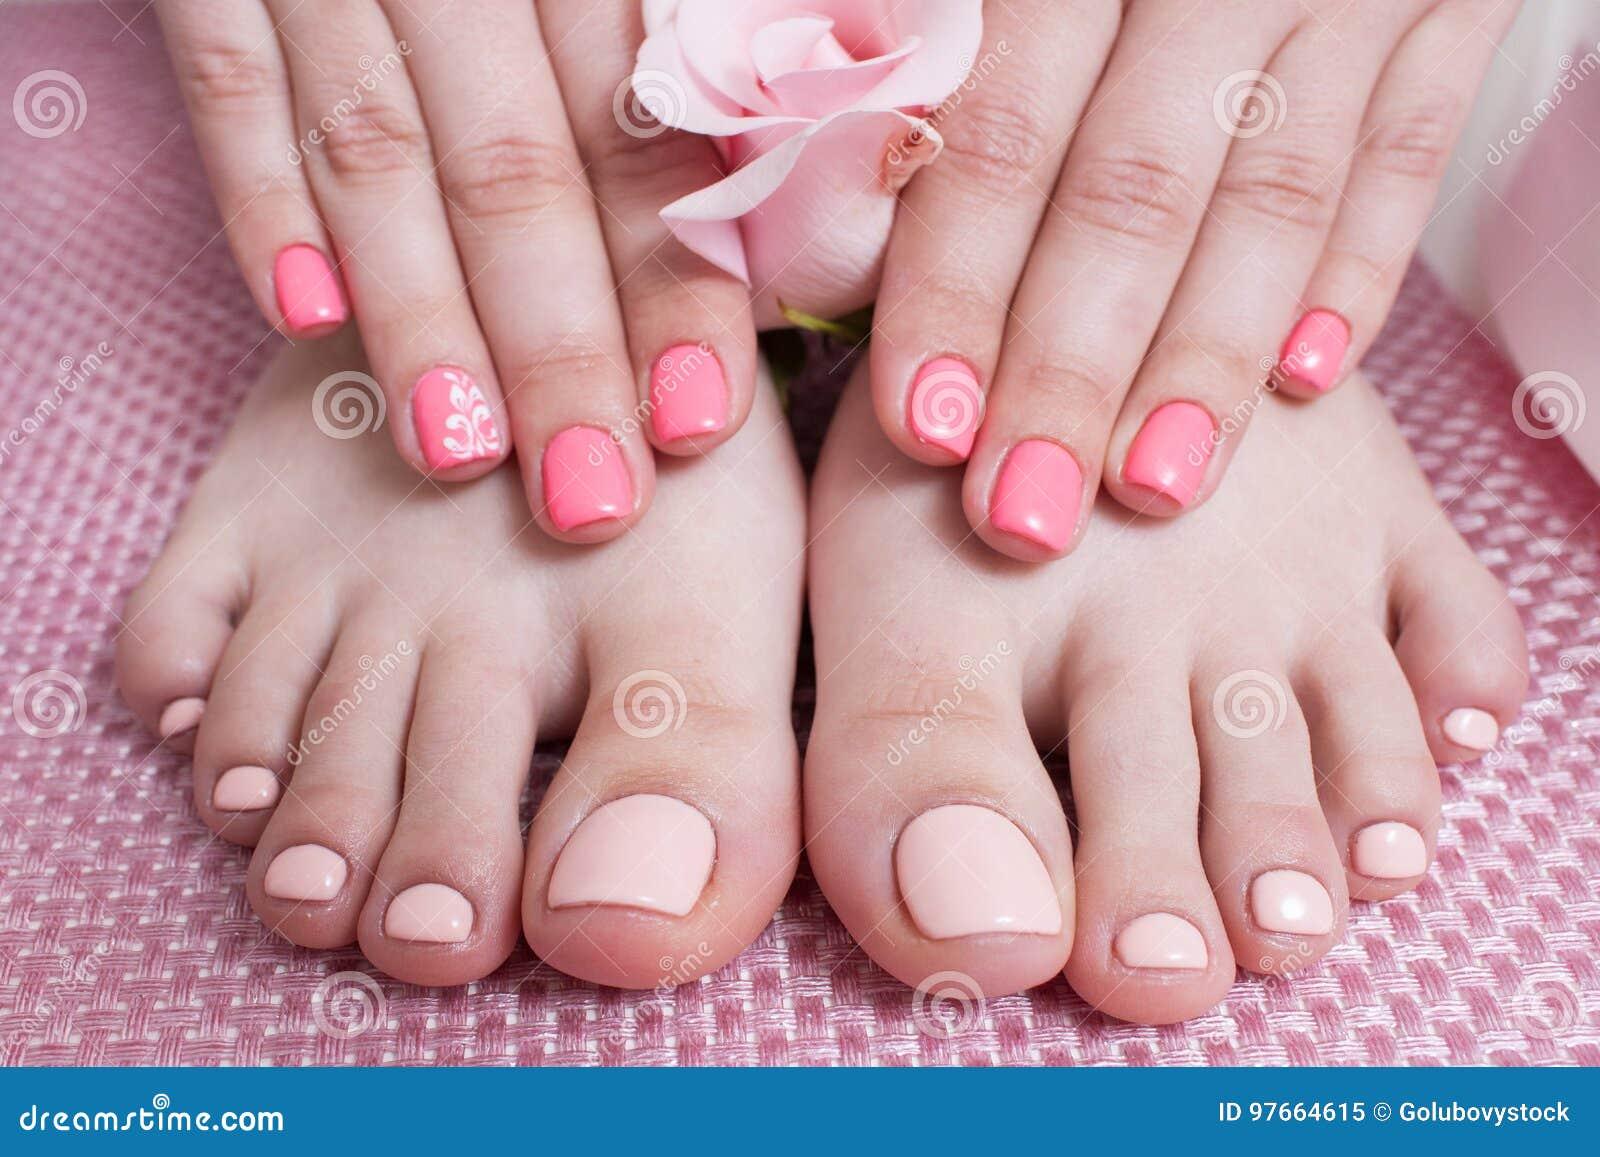 Handen met manicure, voeten met pedicure